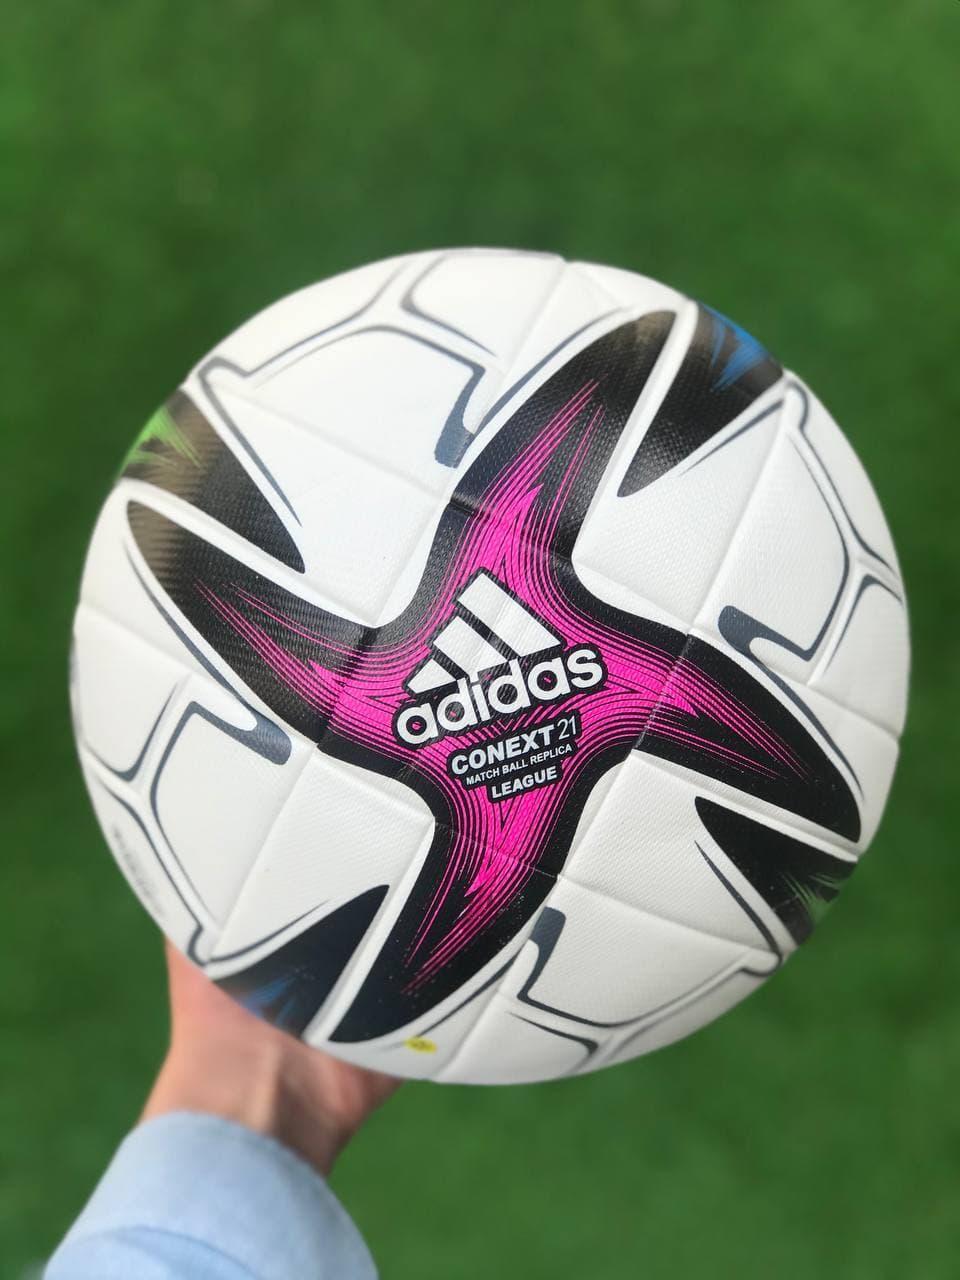 Футбольний м'яч для гри у футбол спортивний ігровий Adidas CONEXT